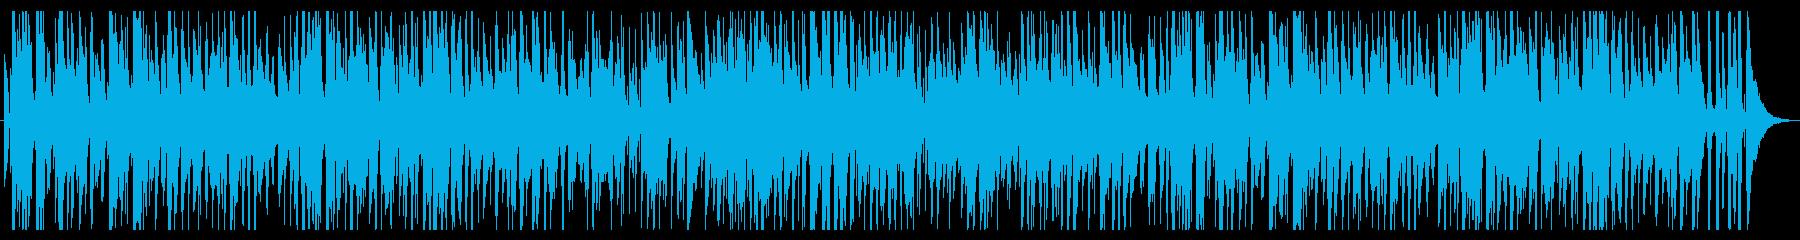 お洒落なジャズピアノトリオ19 軽快の再生済みの波形